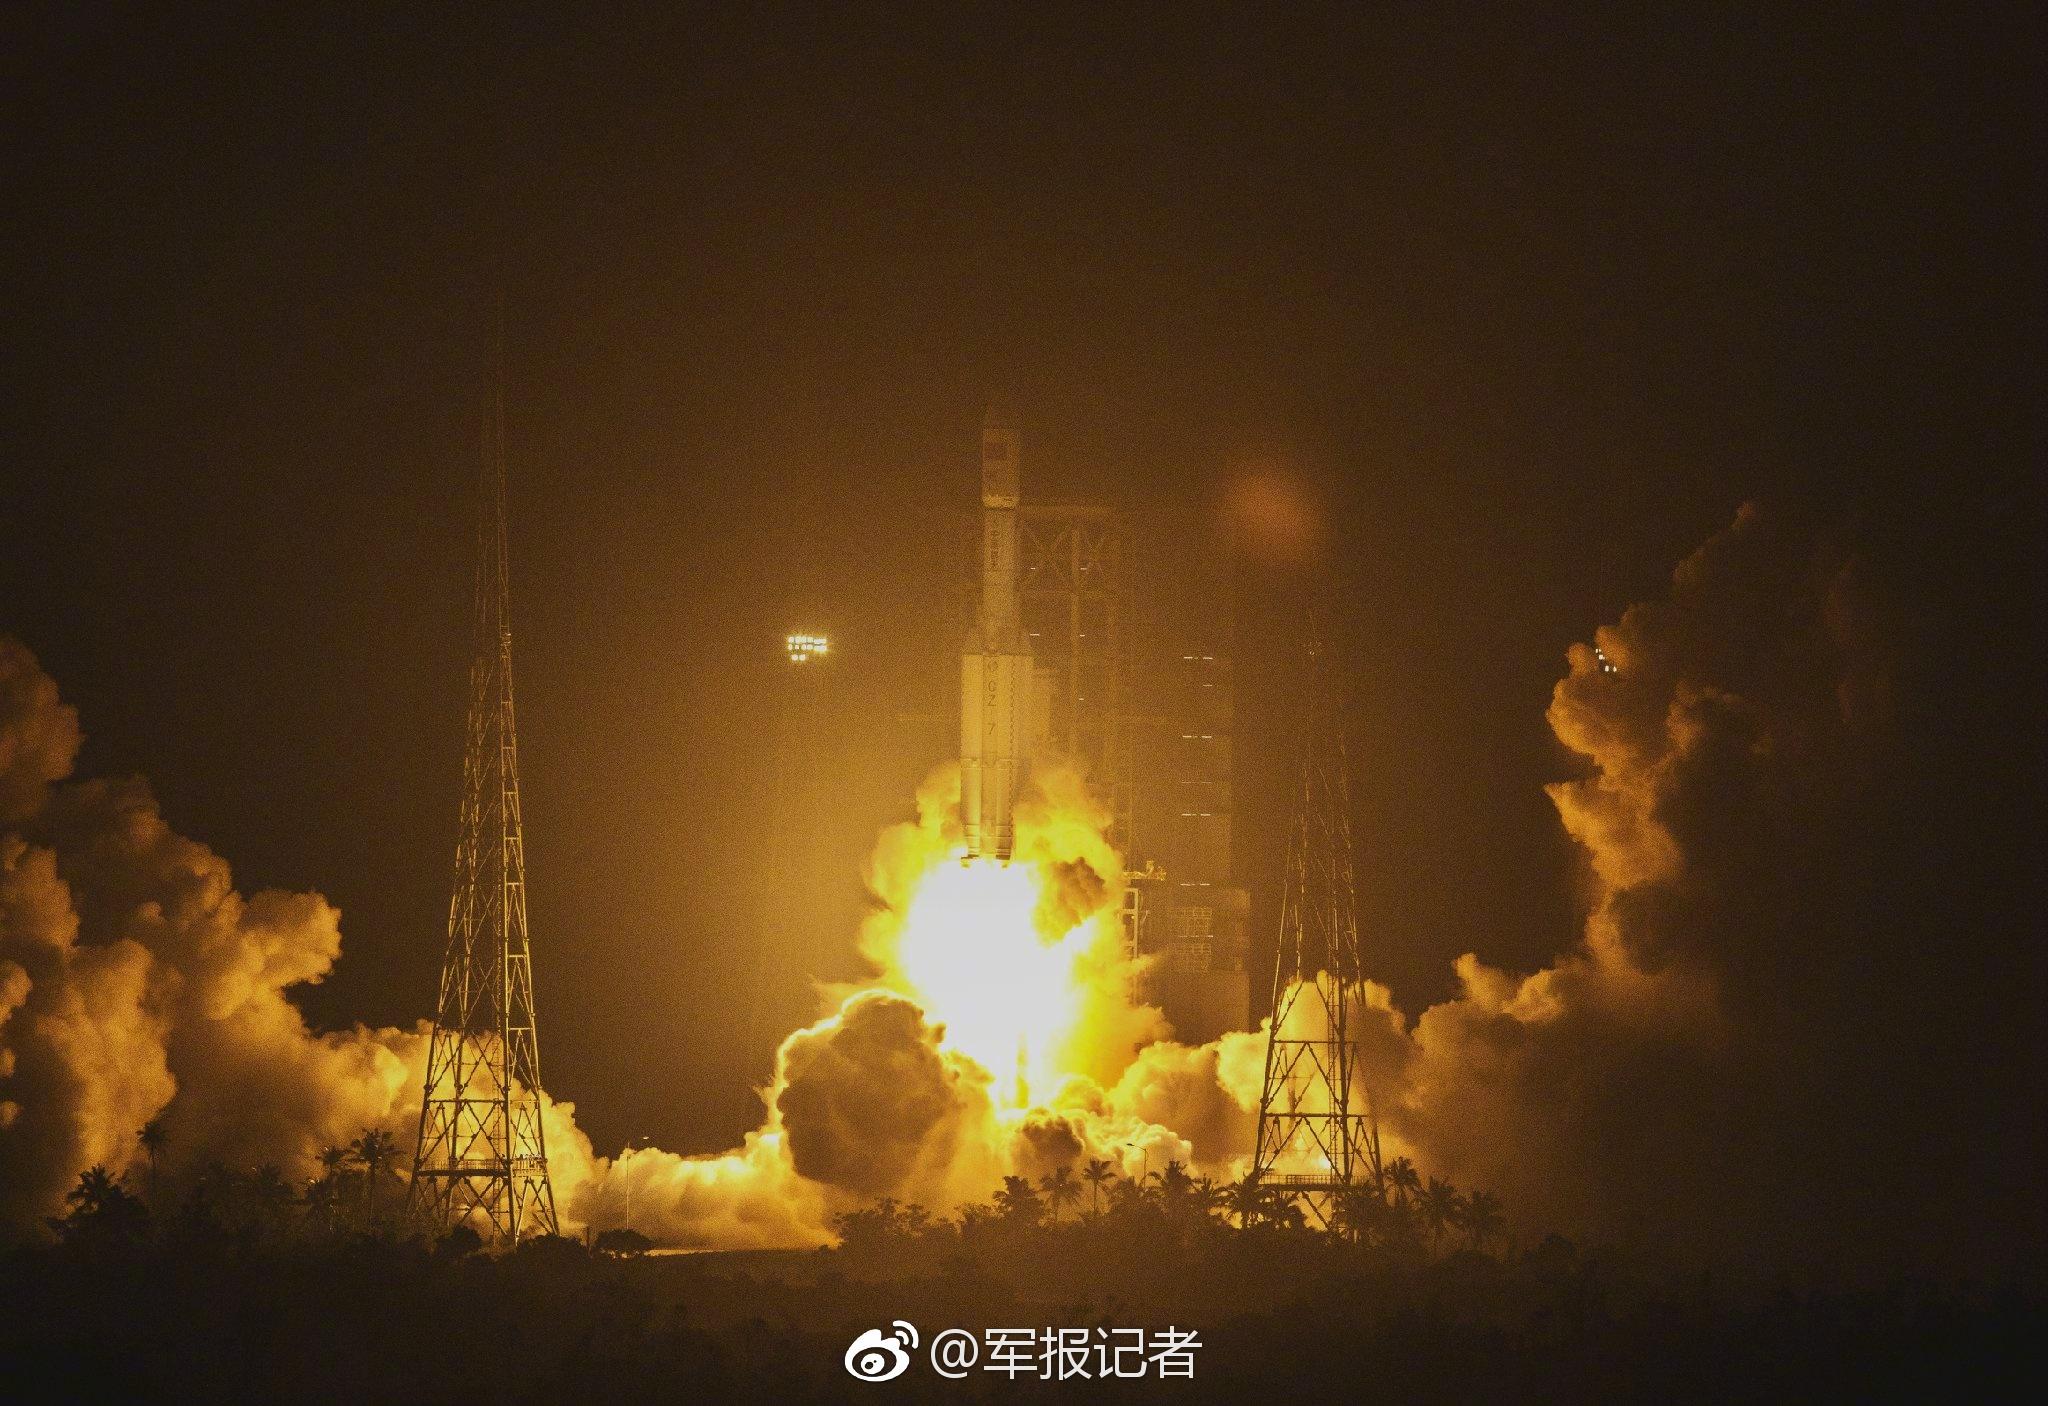 Tianzhou-1